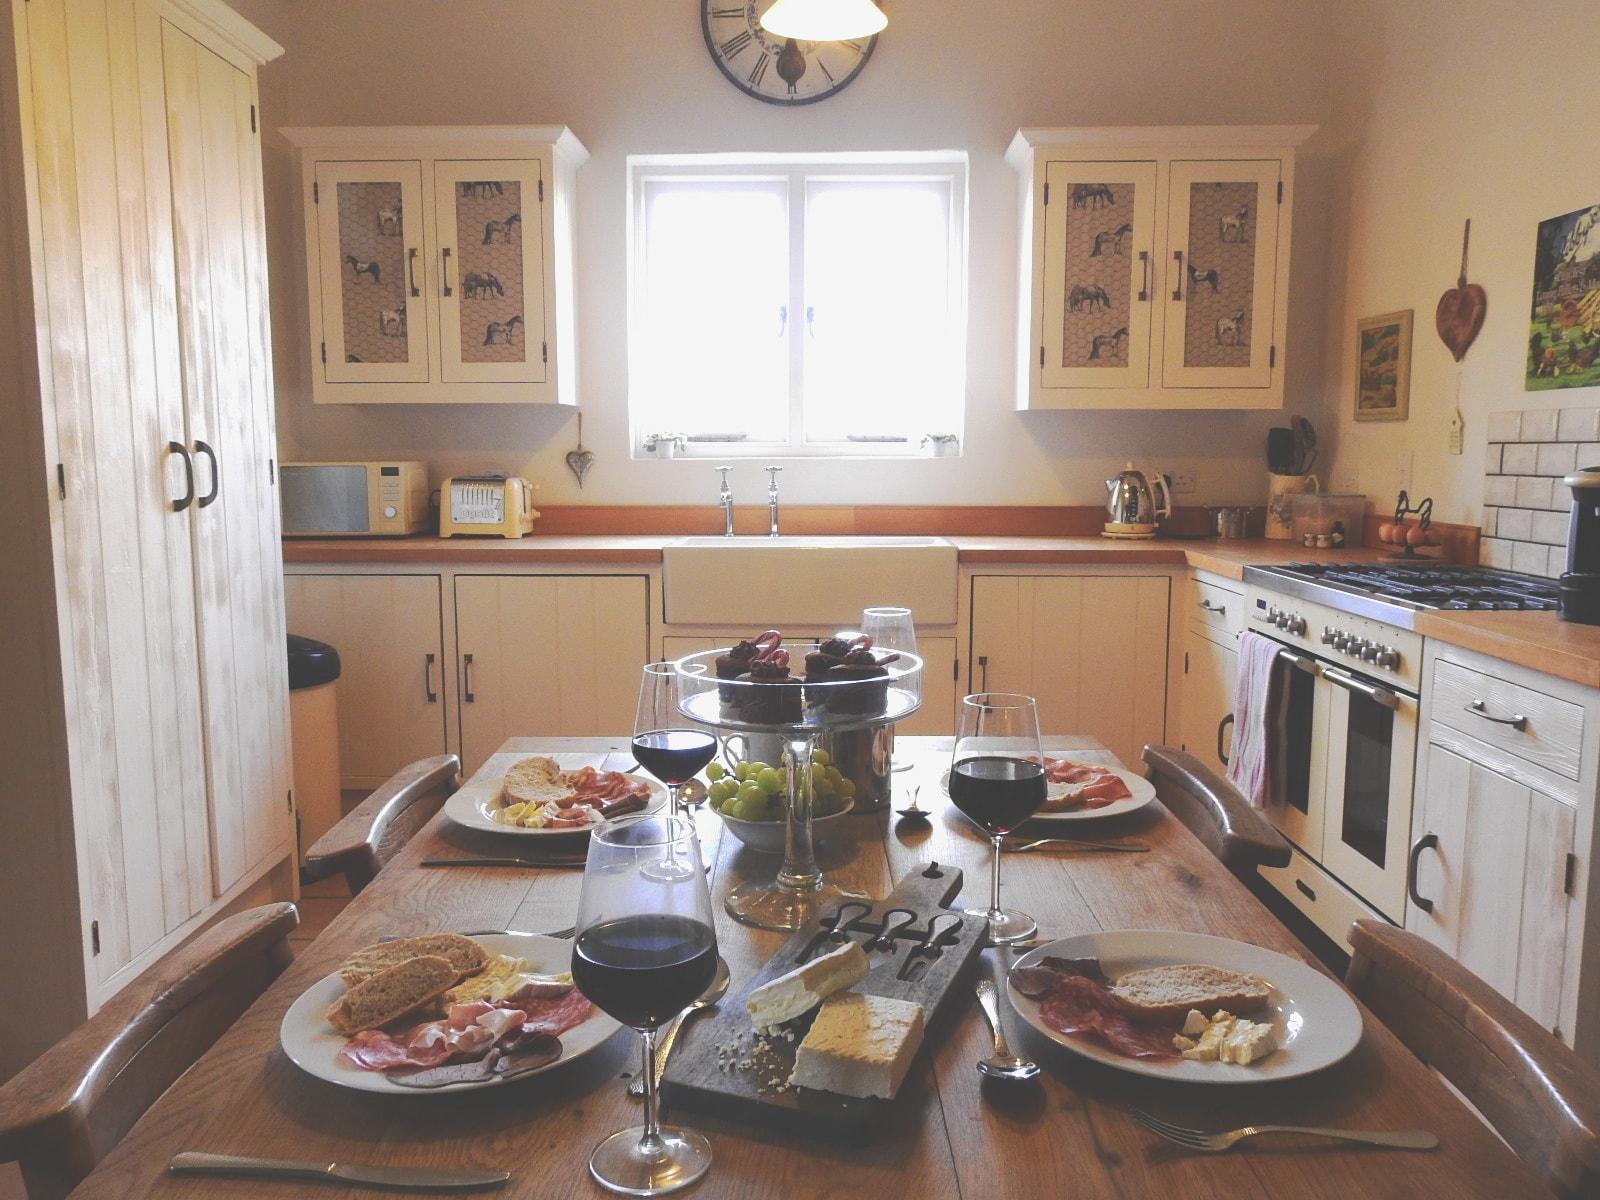 kitchen4-min